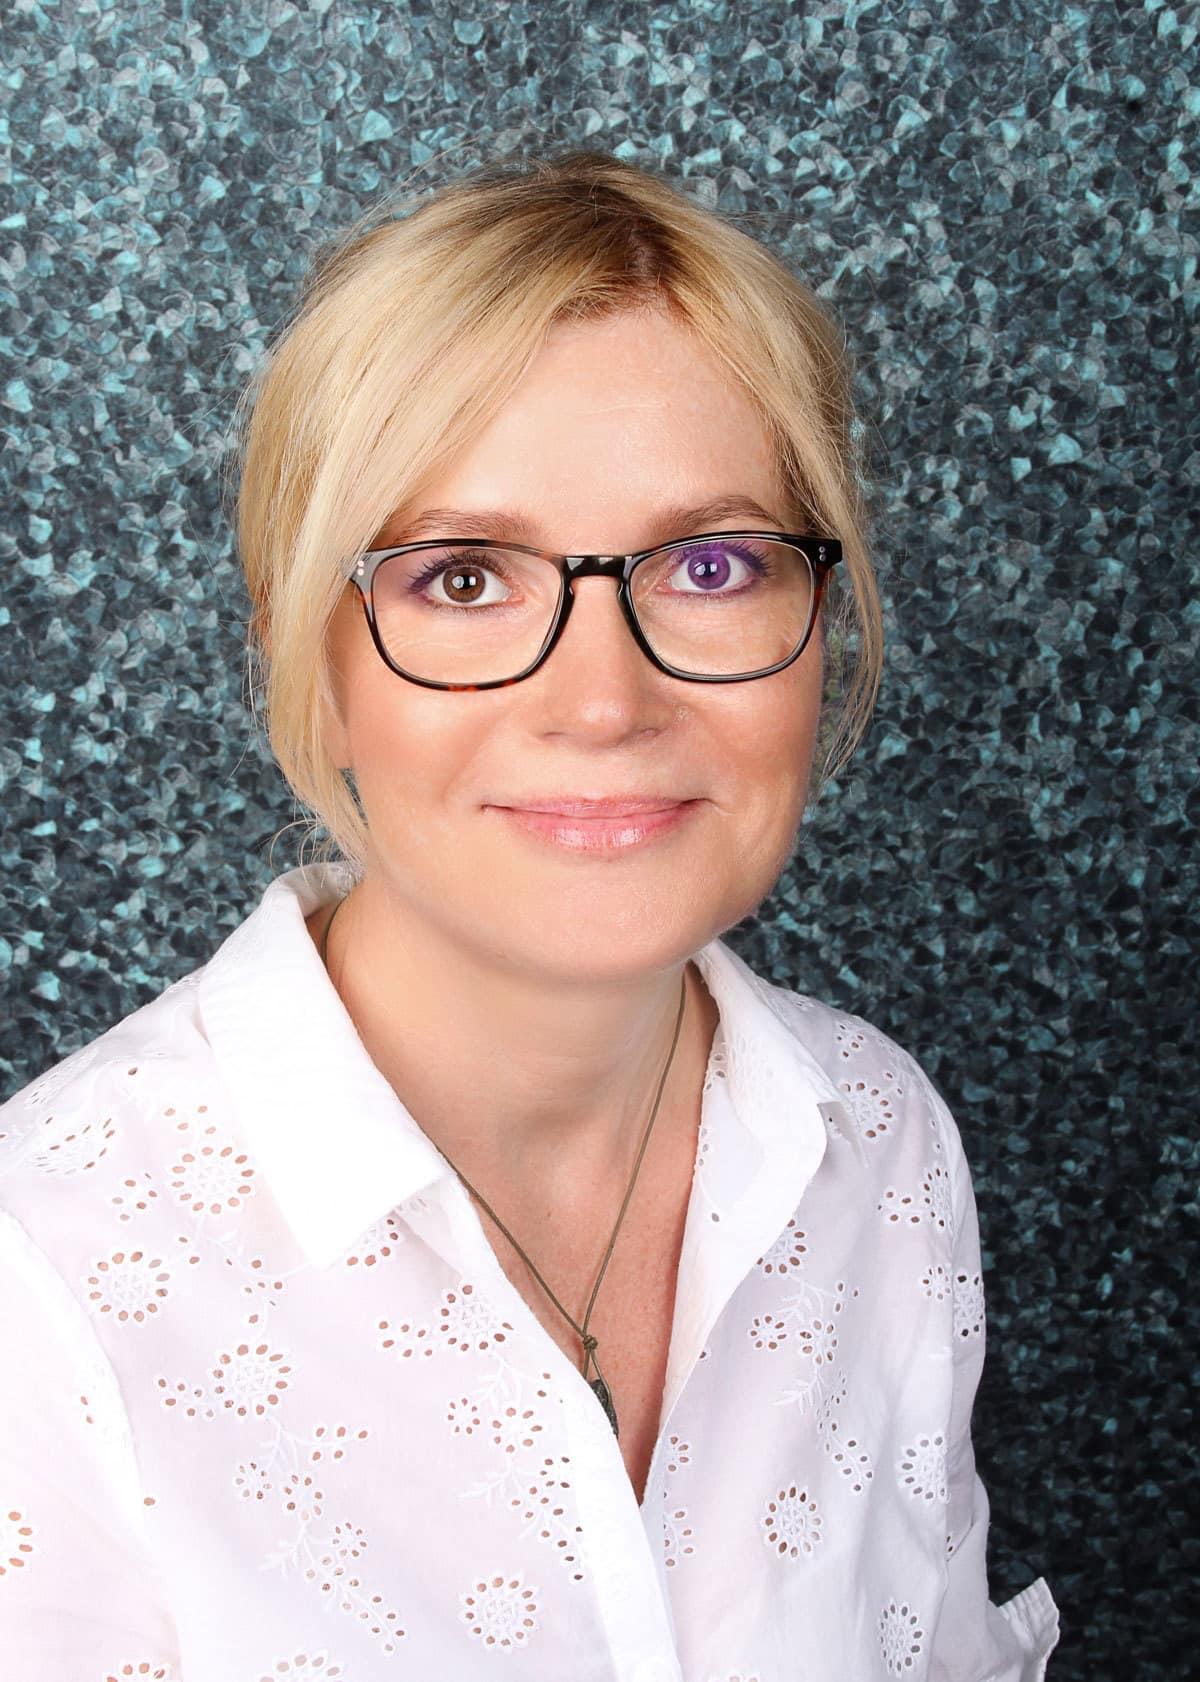 Simone Haspel